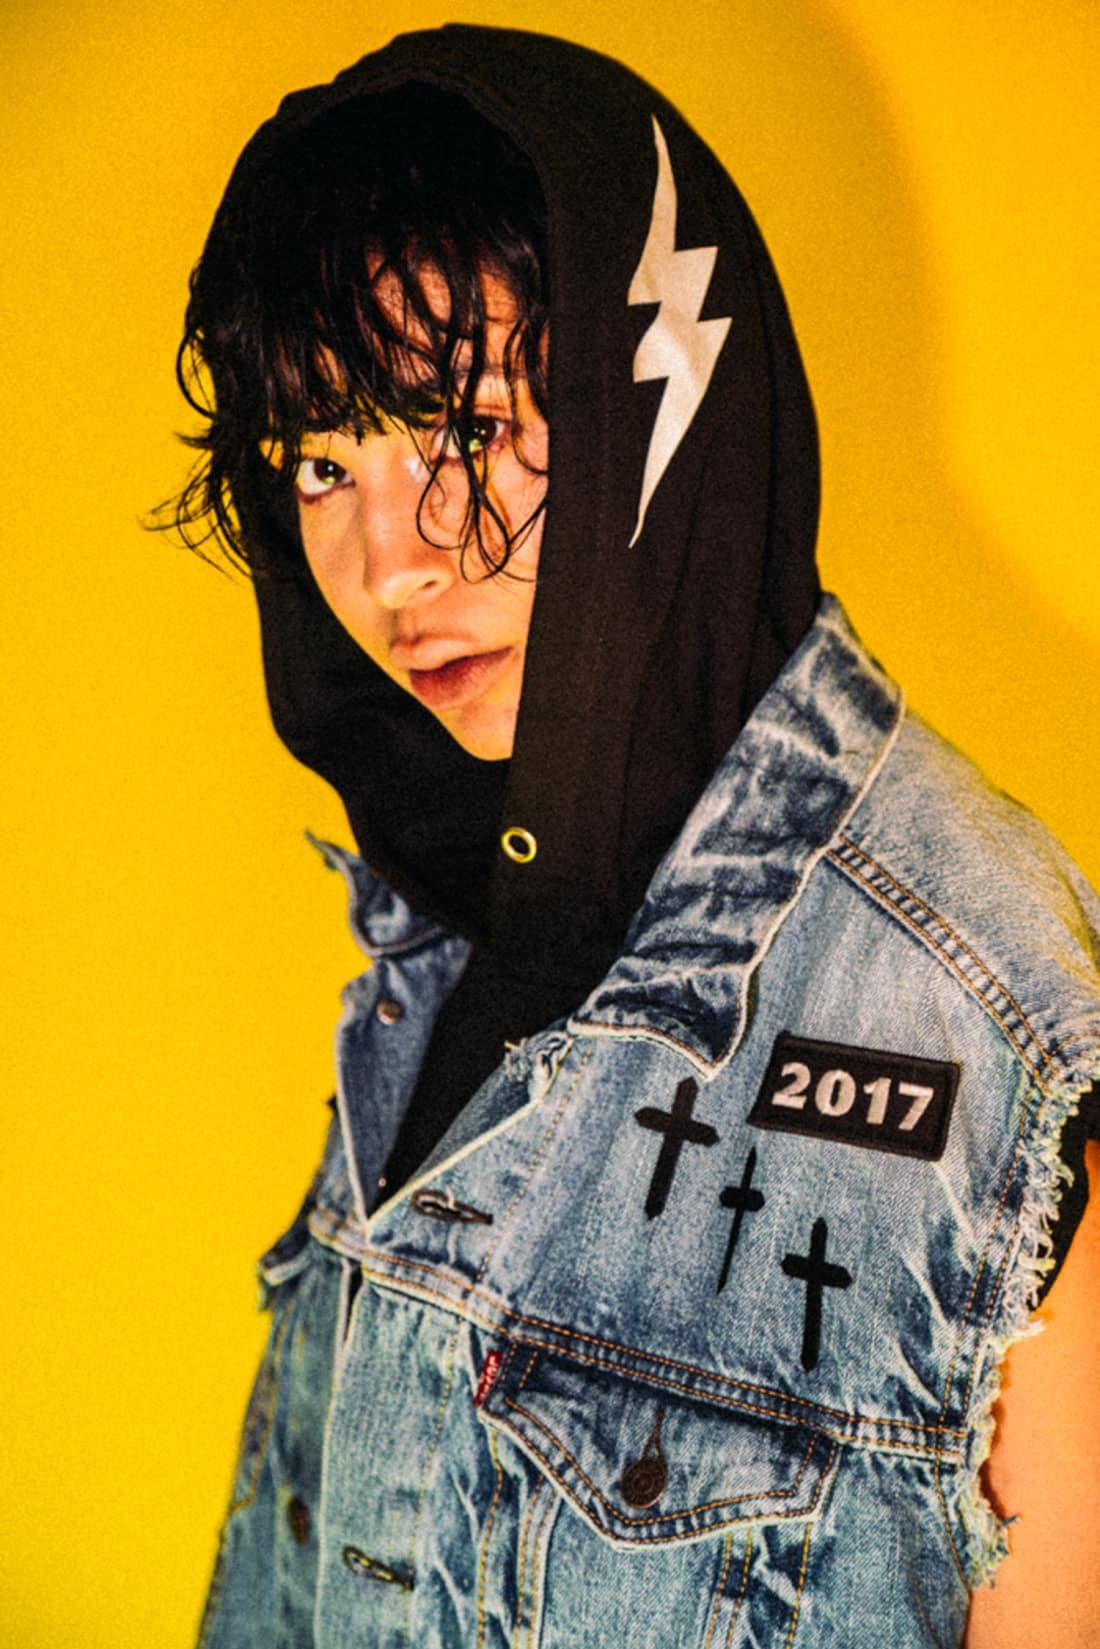 xo-photo-27.jpg